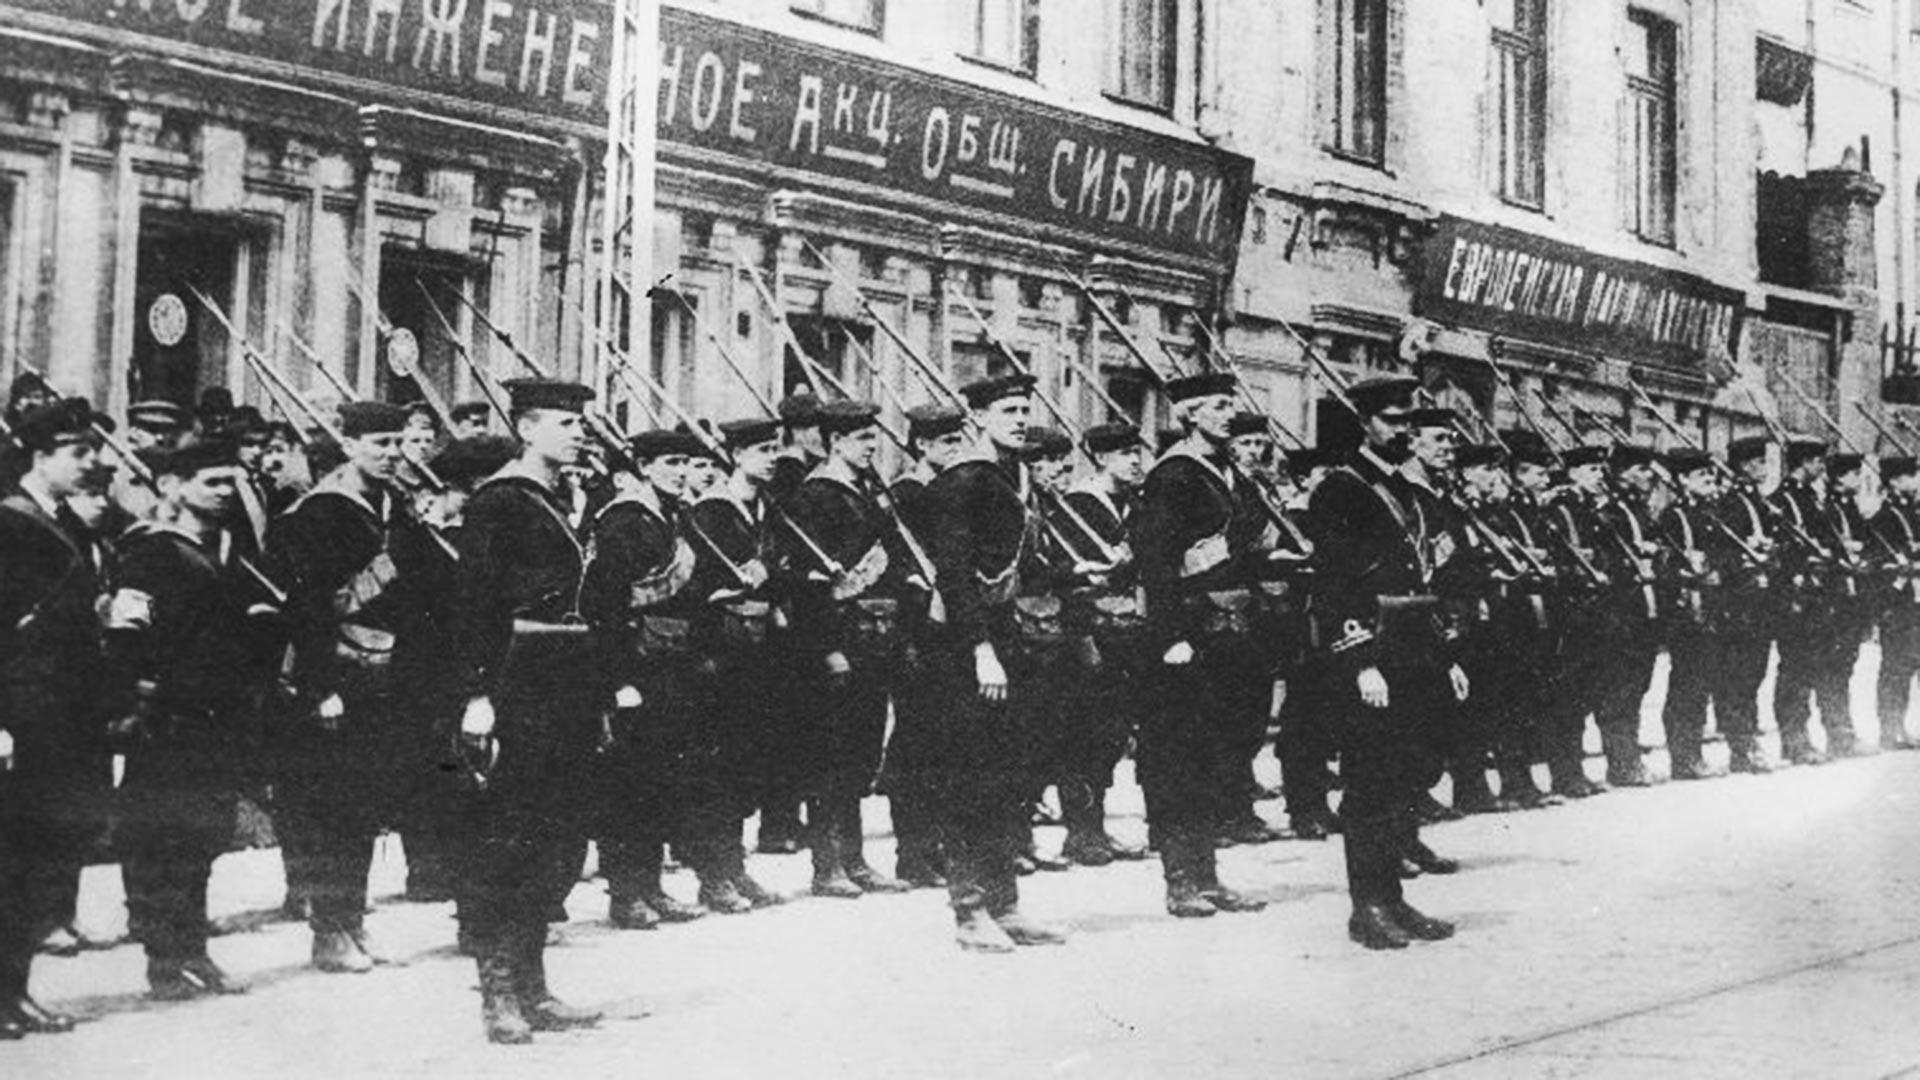 Британски падобранци испред конзулата за време стране војне интервенције.